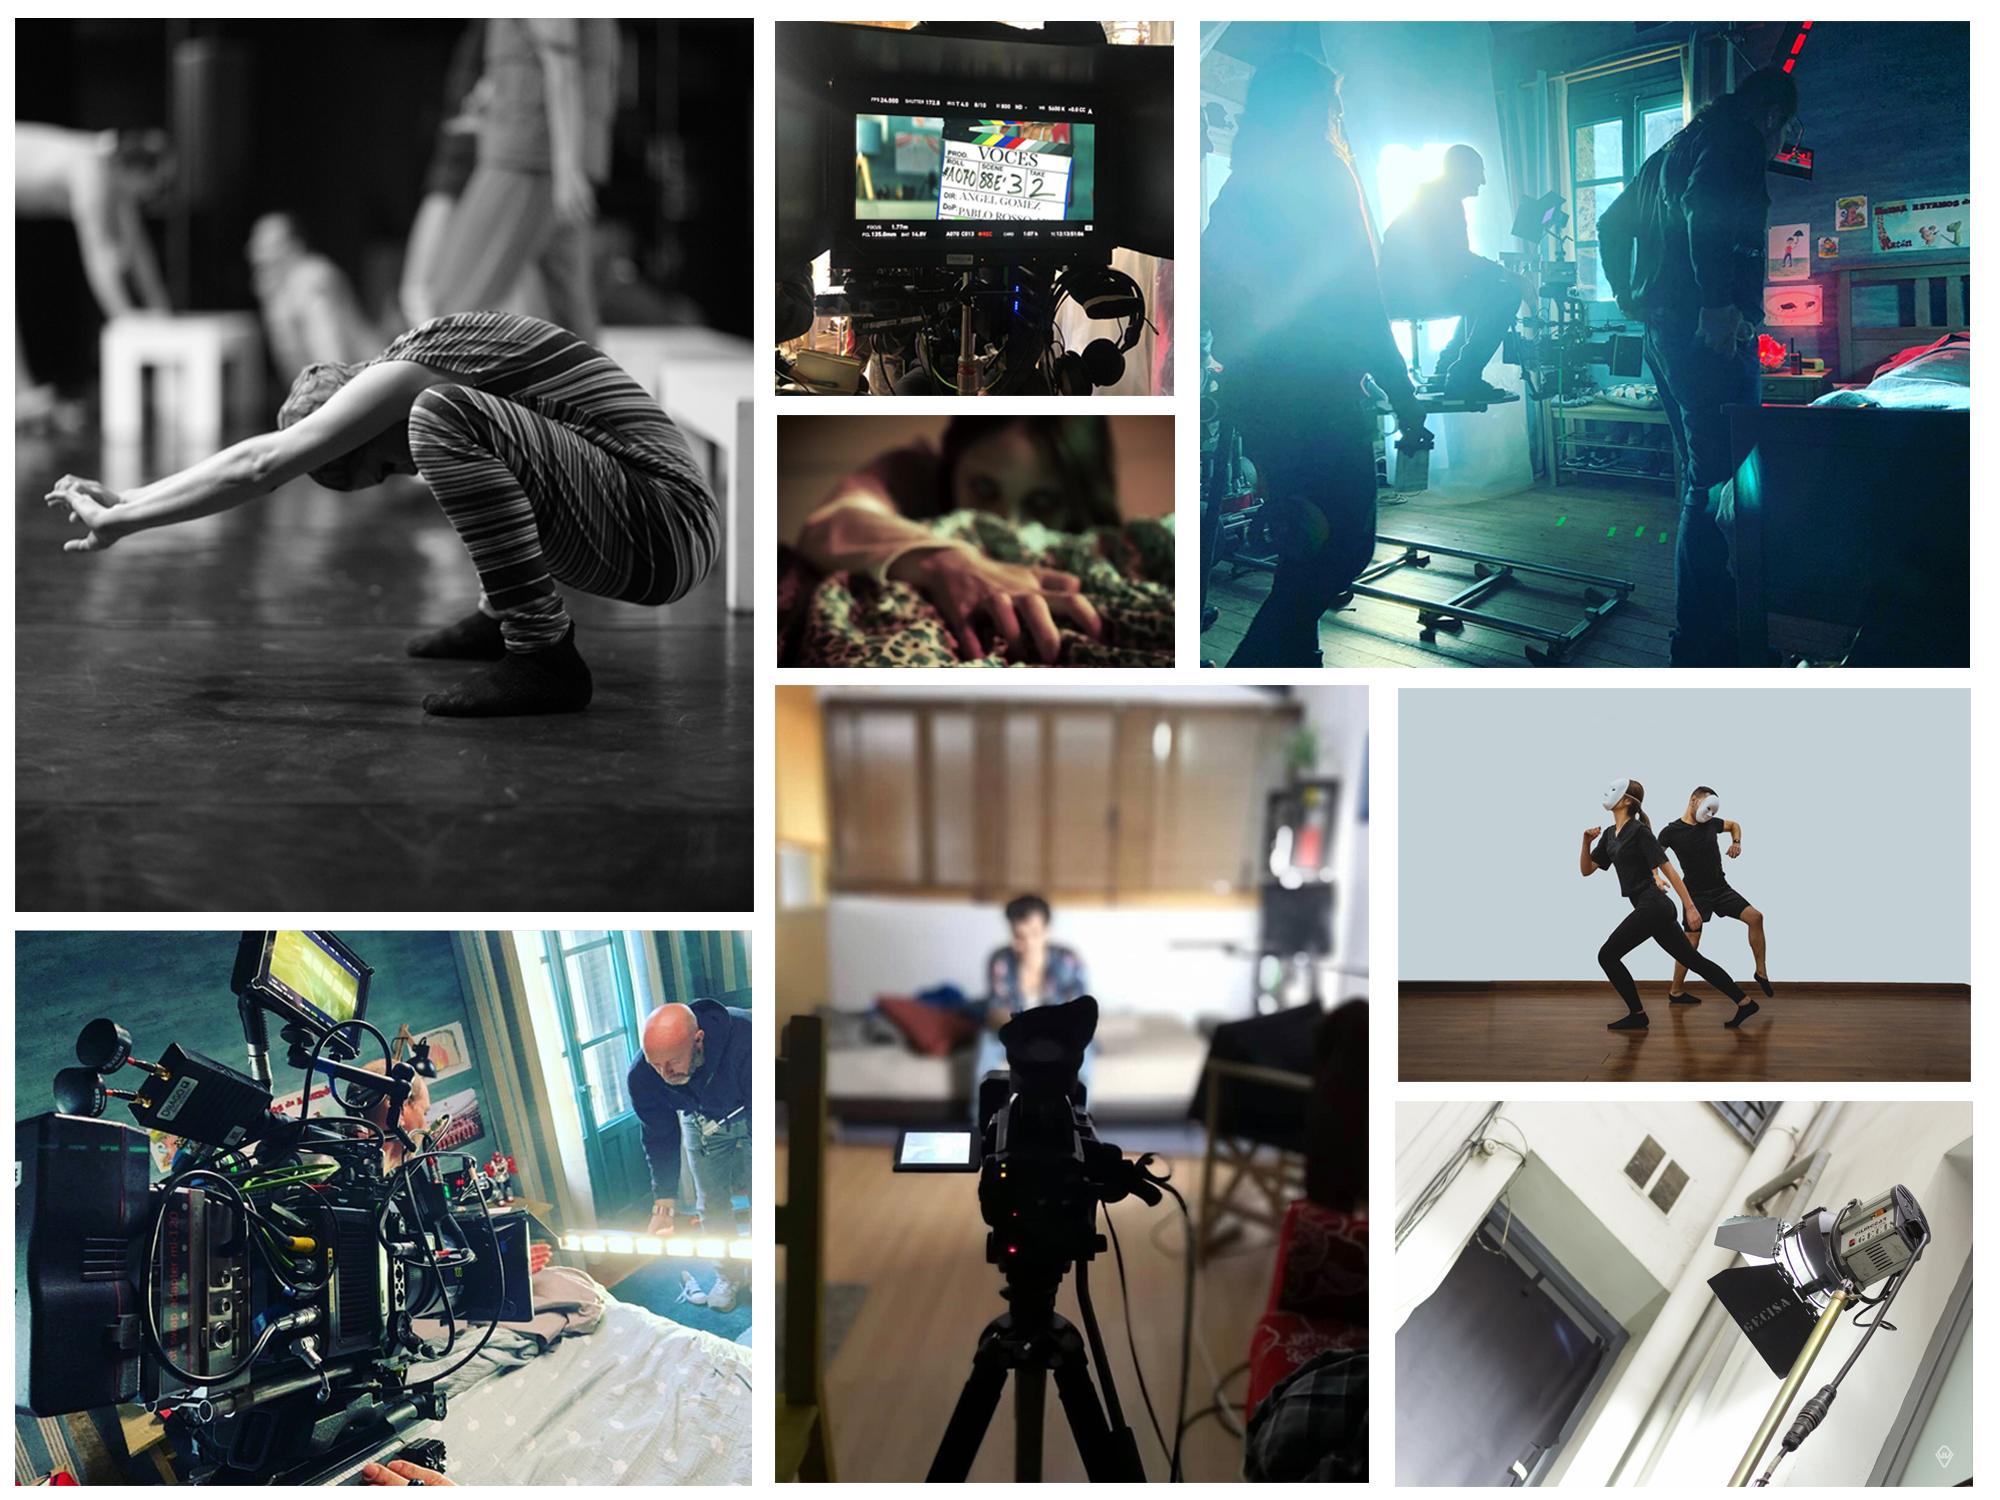 Estudio V. Escuela de cine e interpretación artística